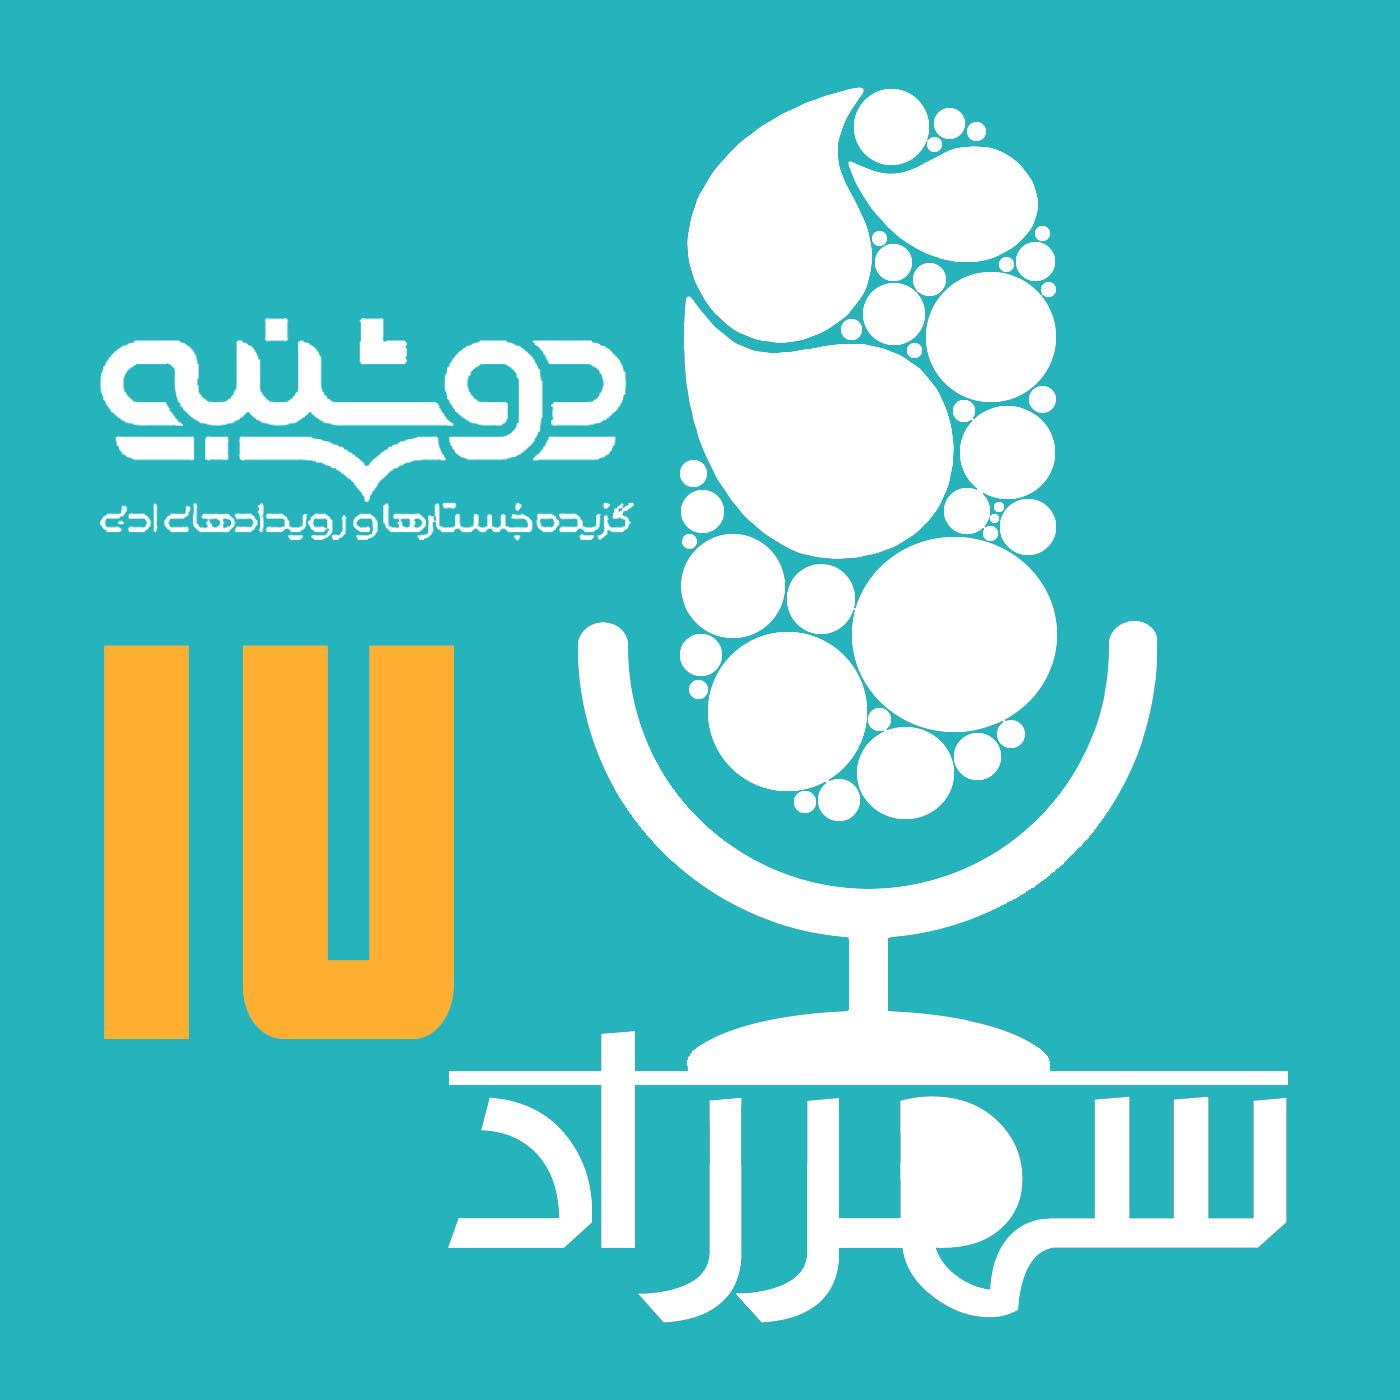 رادیو شهرزاد | قسمت هفدهم | دومين ویژه برنامه «دوشنبه»